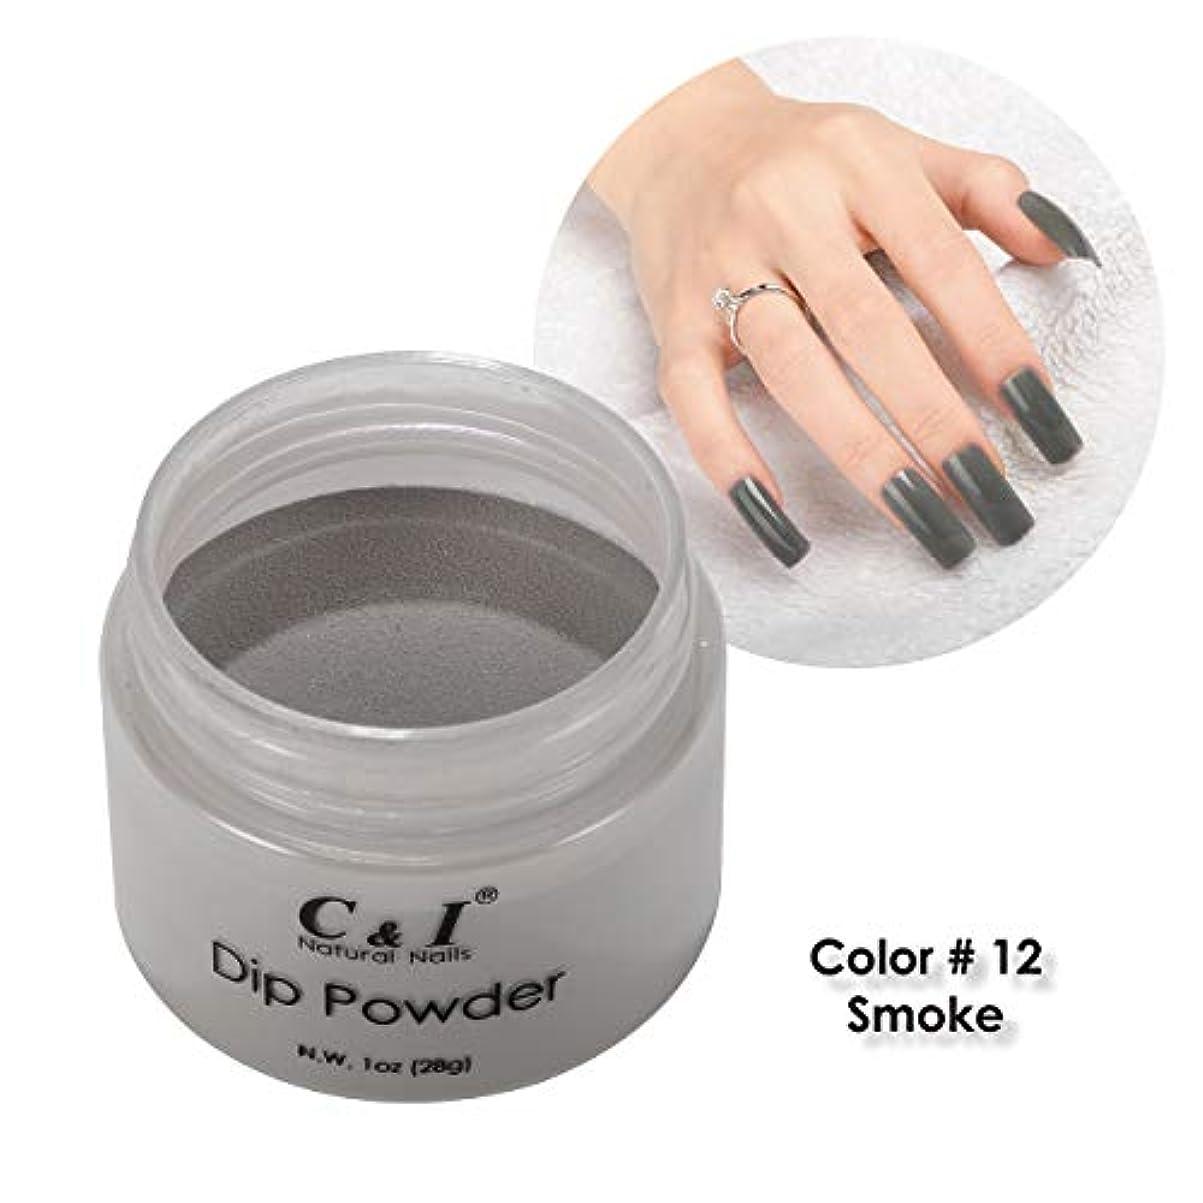 私お風呂デザートC&I Dip Powder ネイルディップパウダー、ネイルカラーパウダー、カラーNo.12